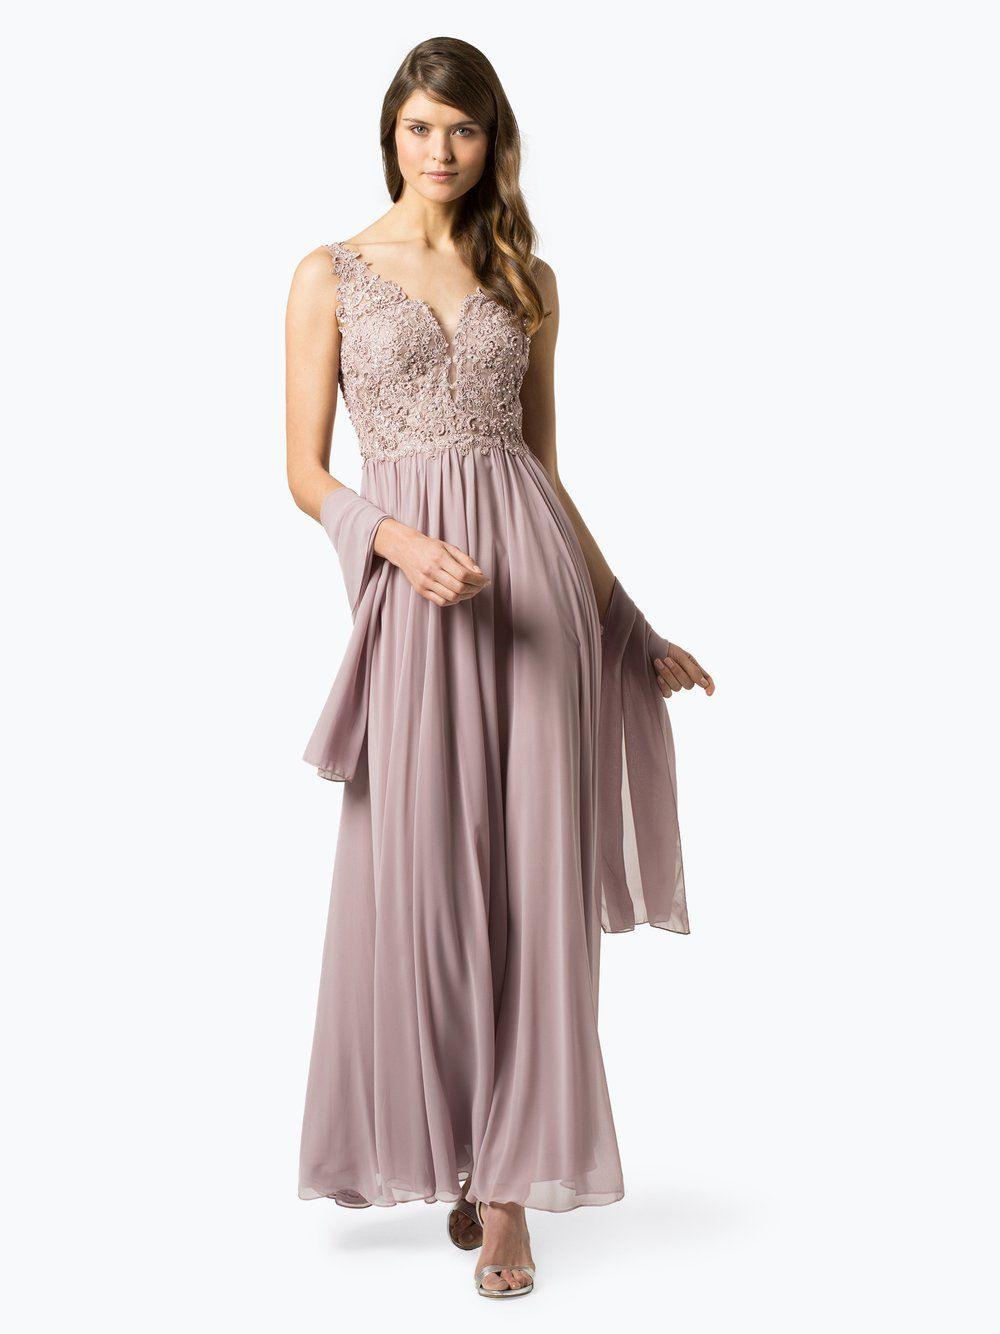 Formal Fantastisch Abend Kleid Auf Rechnung Bester Preis Großartig Abend Kleid Auf Rechnung Spezialgebiet